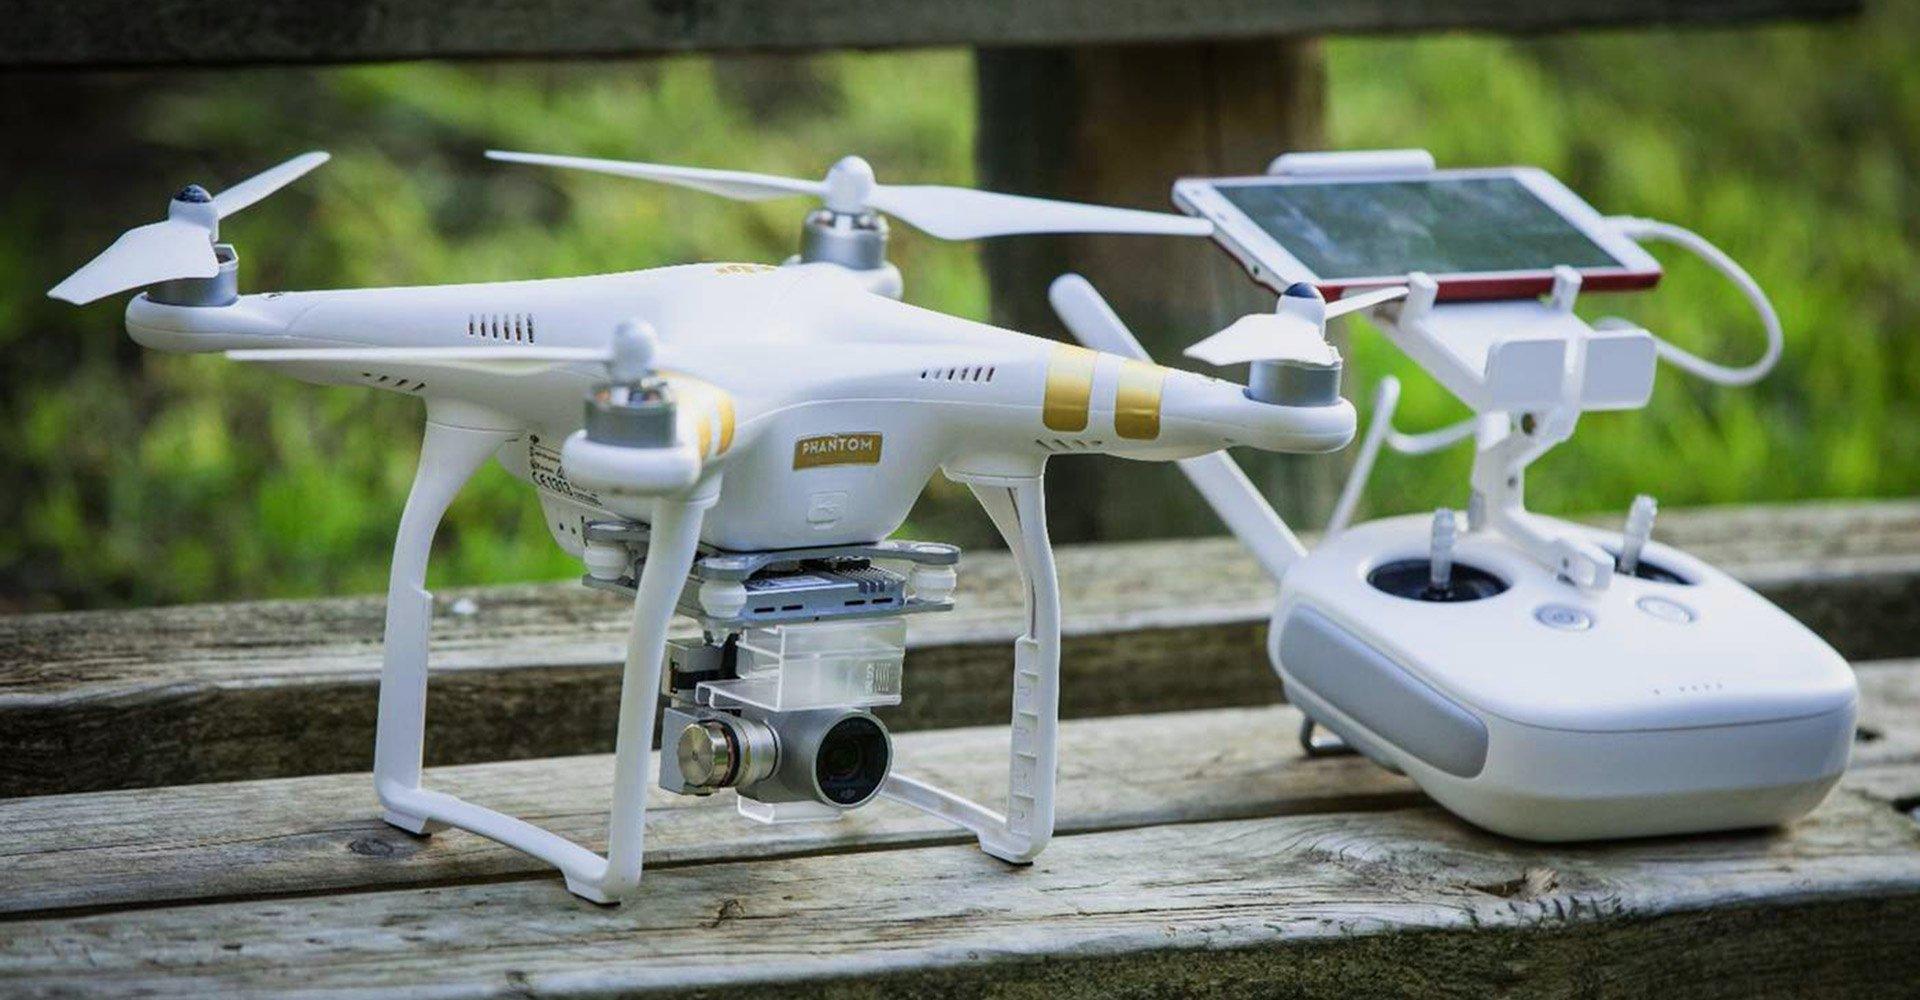 Квадрокоптер. Радиоуправляемый дрон.